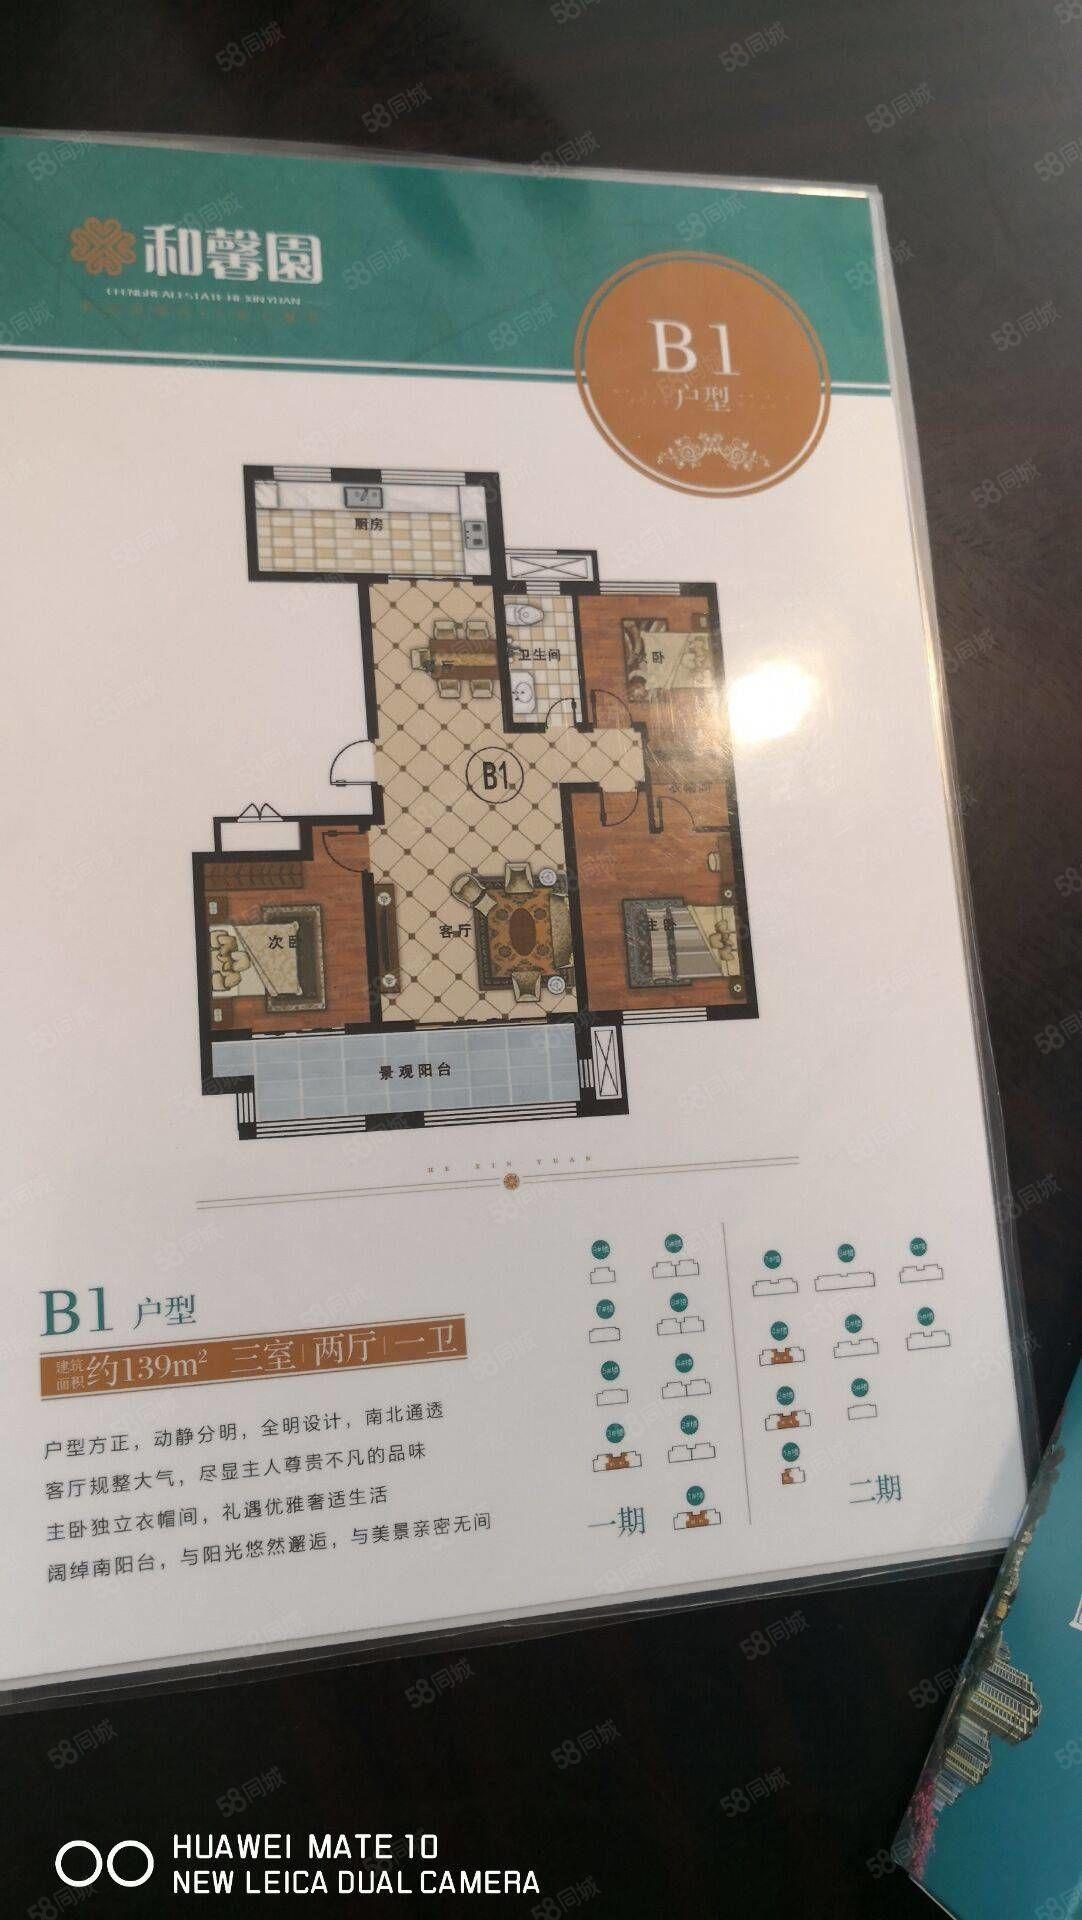 和馨园3室2厅,可贷款,首付35万左右,南北通透,双长阳台